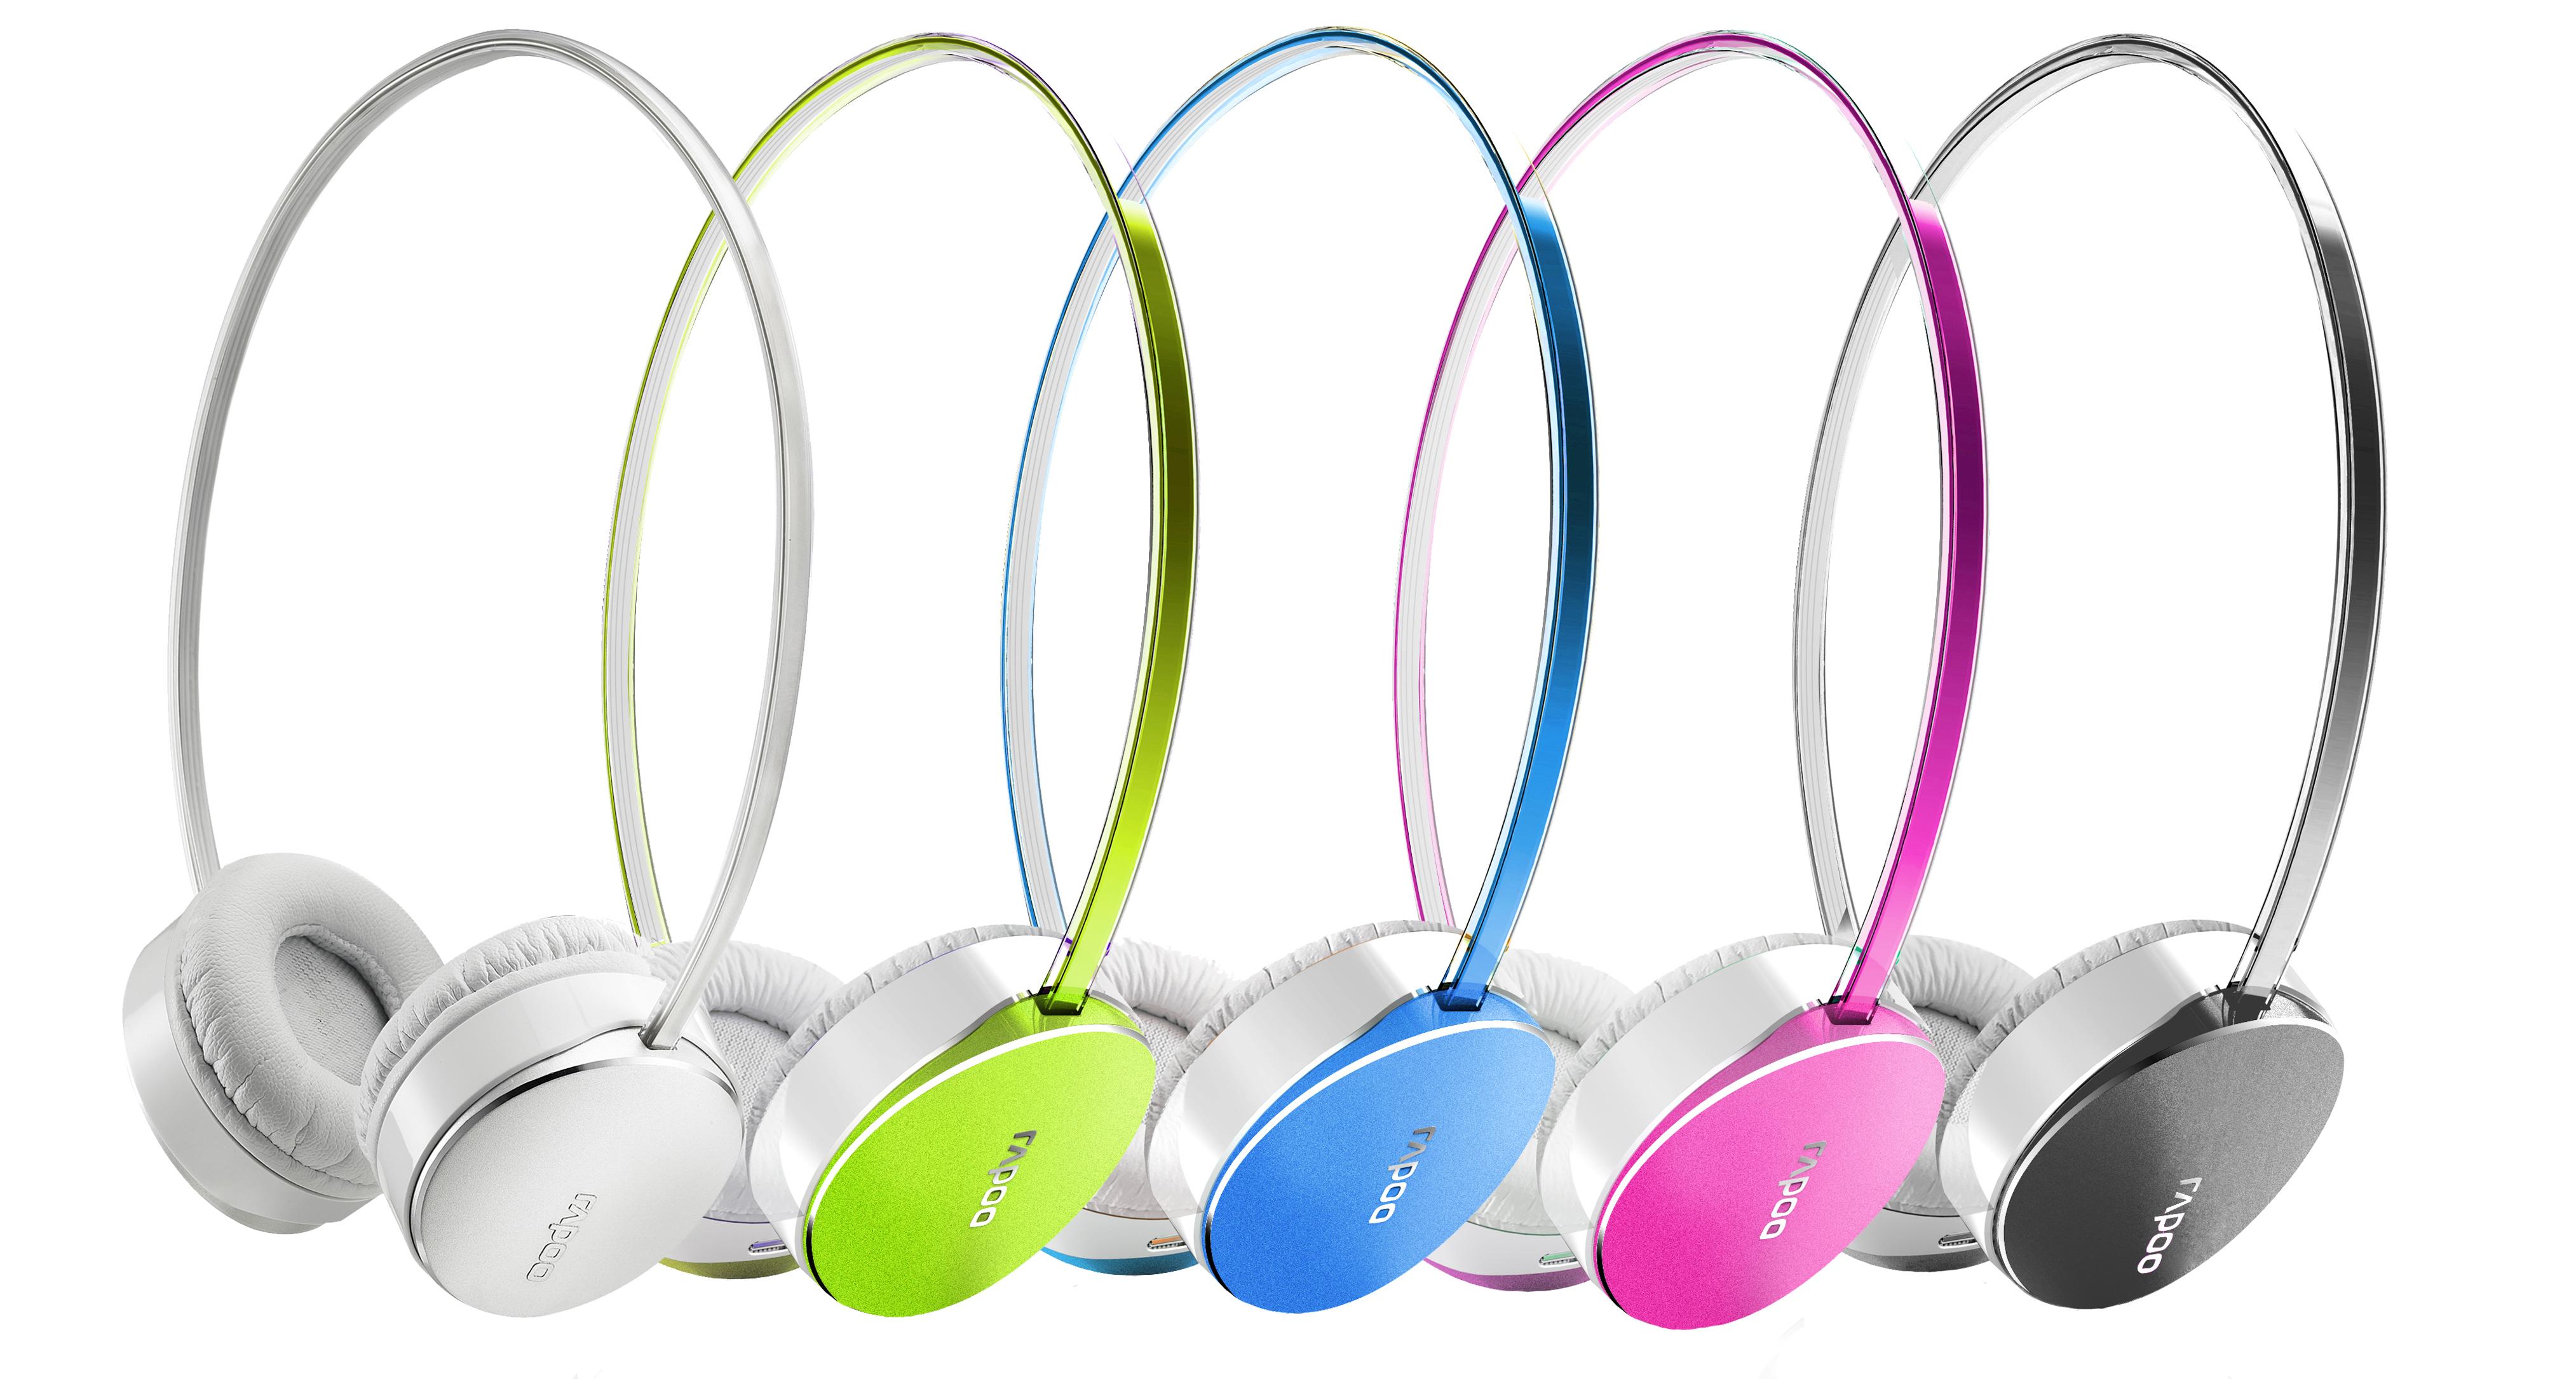 潮玩色彩 讓音樂點綴每天生活 Rapoo S500立體聲藍牙金屬耳機